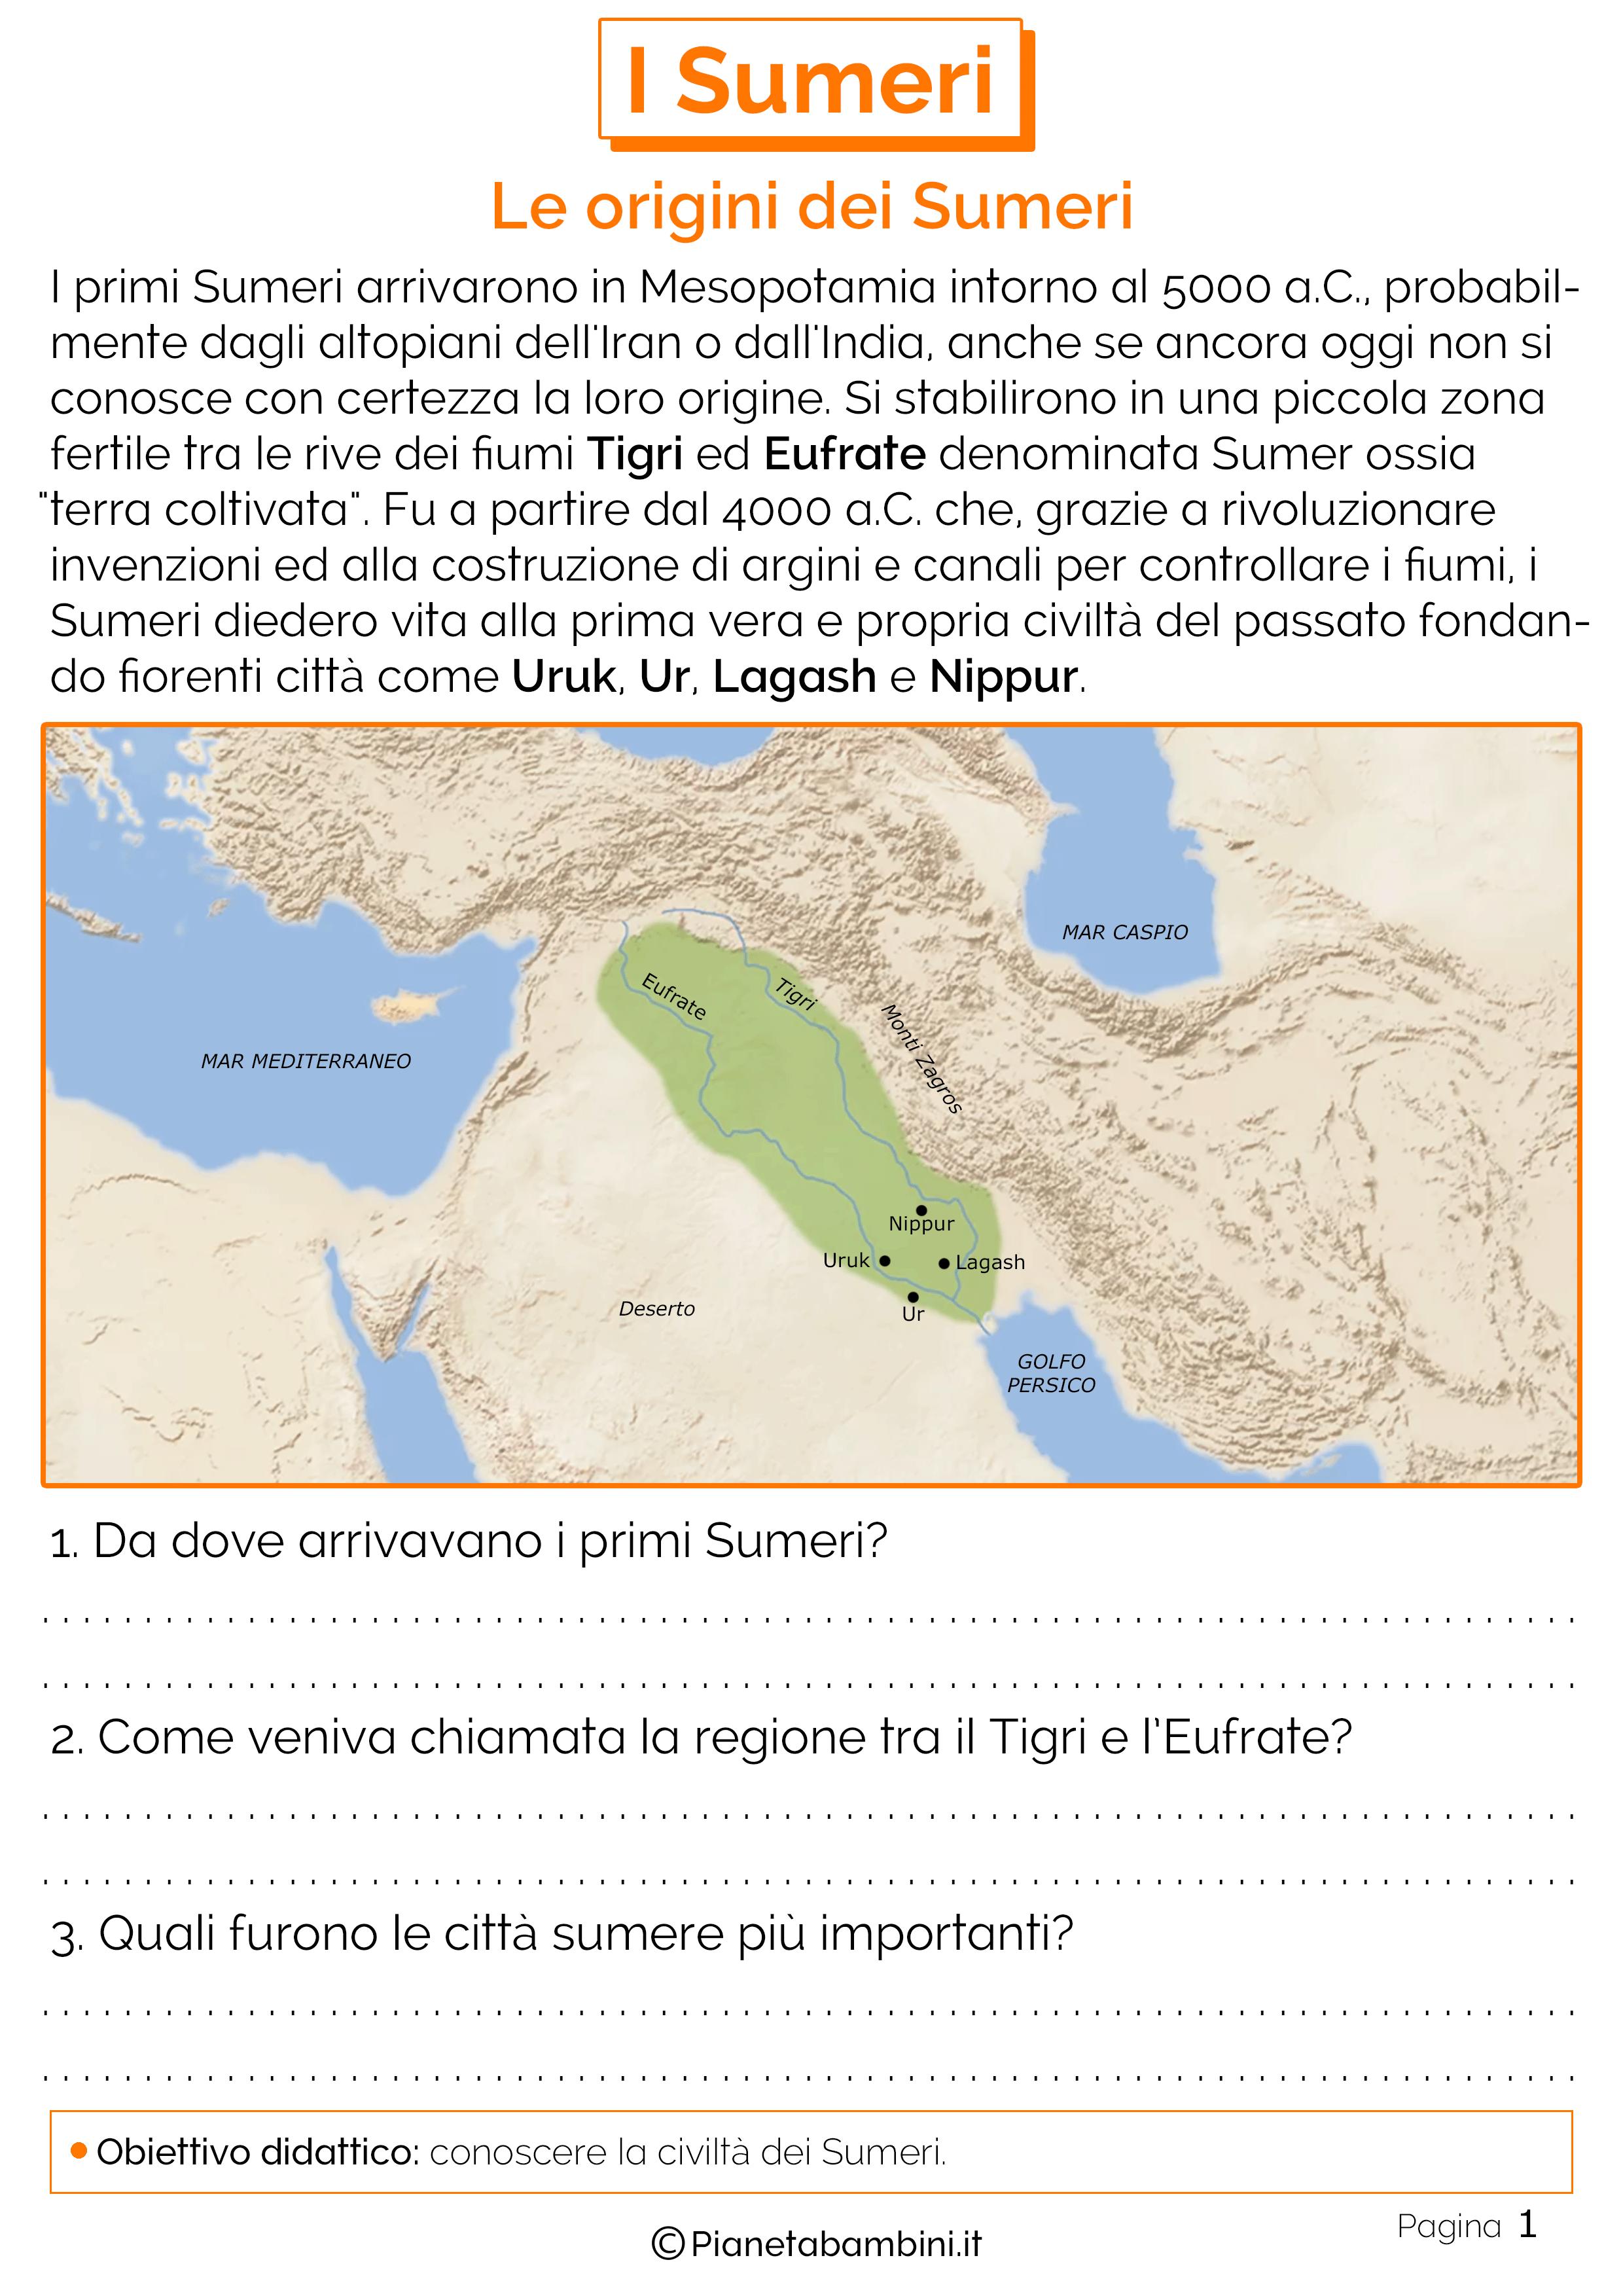 Schede didattiche sulle origini dei sumeri